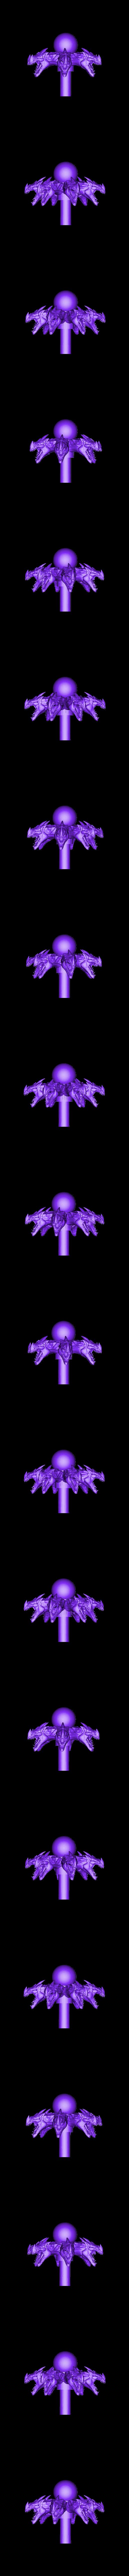 dragon_fountain1_dec4_mm.stl Télécharger fichier STL gratuit fontaines de dragon • Plan à imprimer en 3D, veganagev